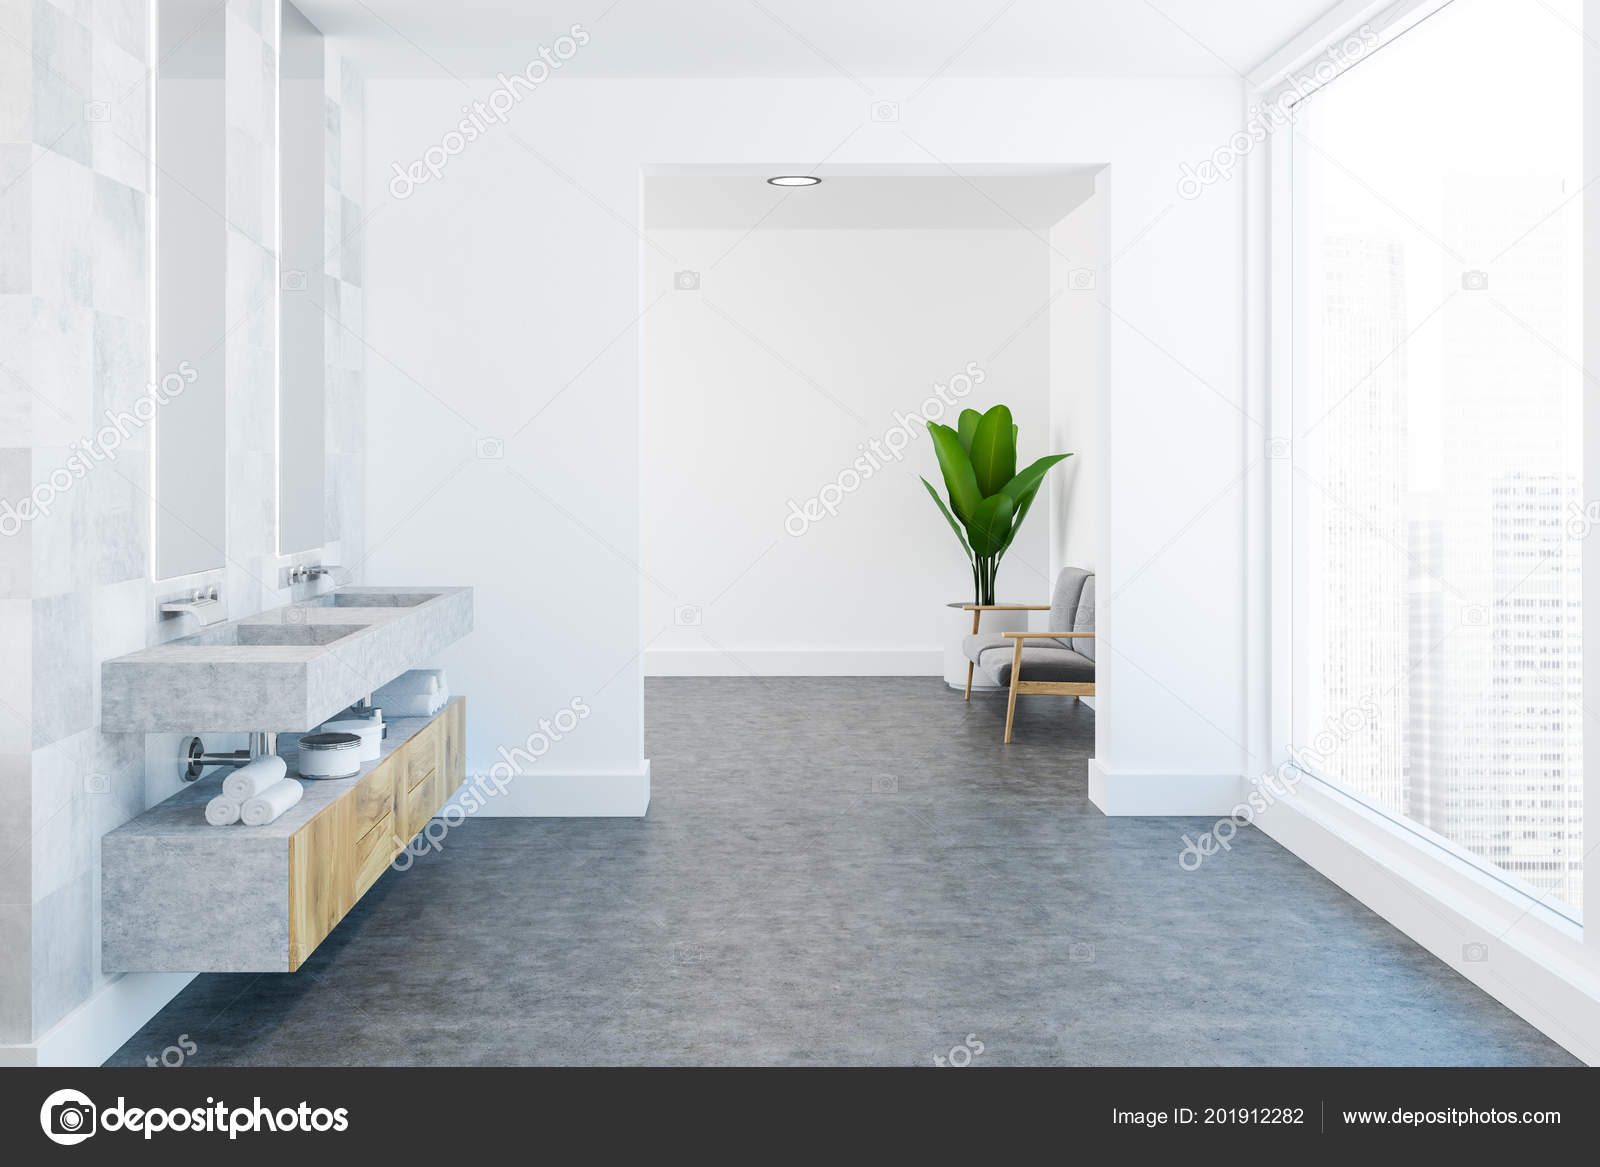 Luxe Badkamer Interieur : Witte tegel ruime luxe badkamer interieur met een betonnen vloer